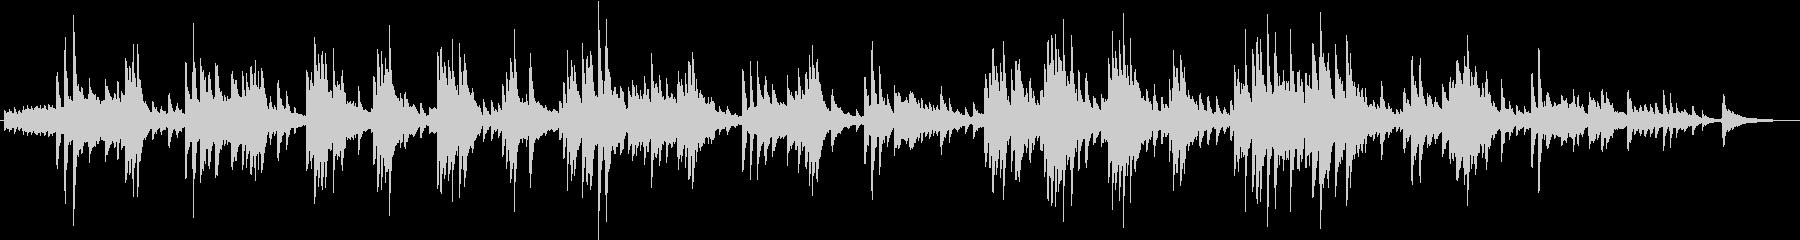 アコーステック センチメンタル 感...の未再生の波形